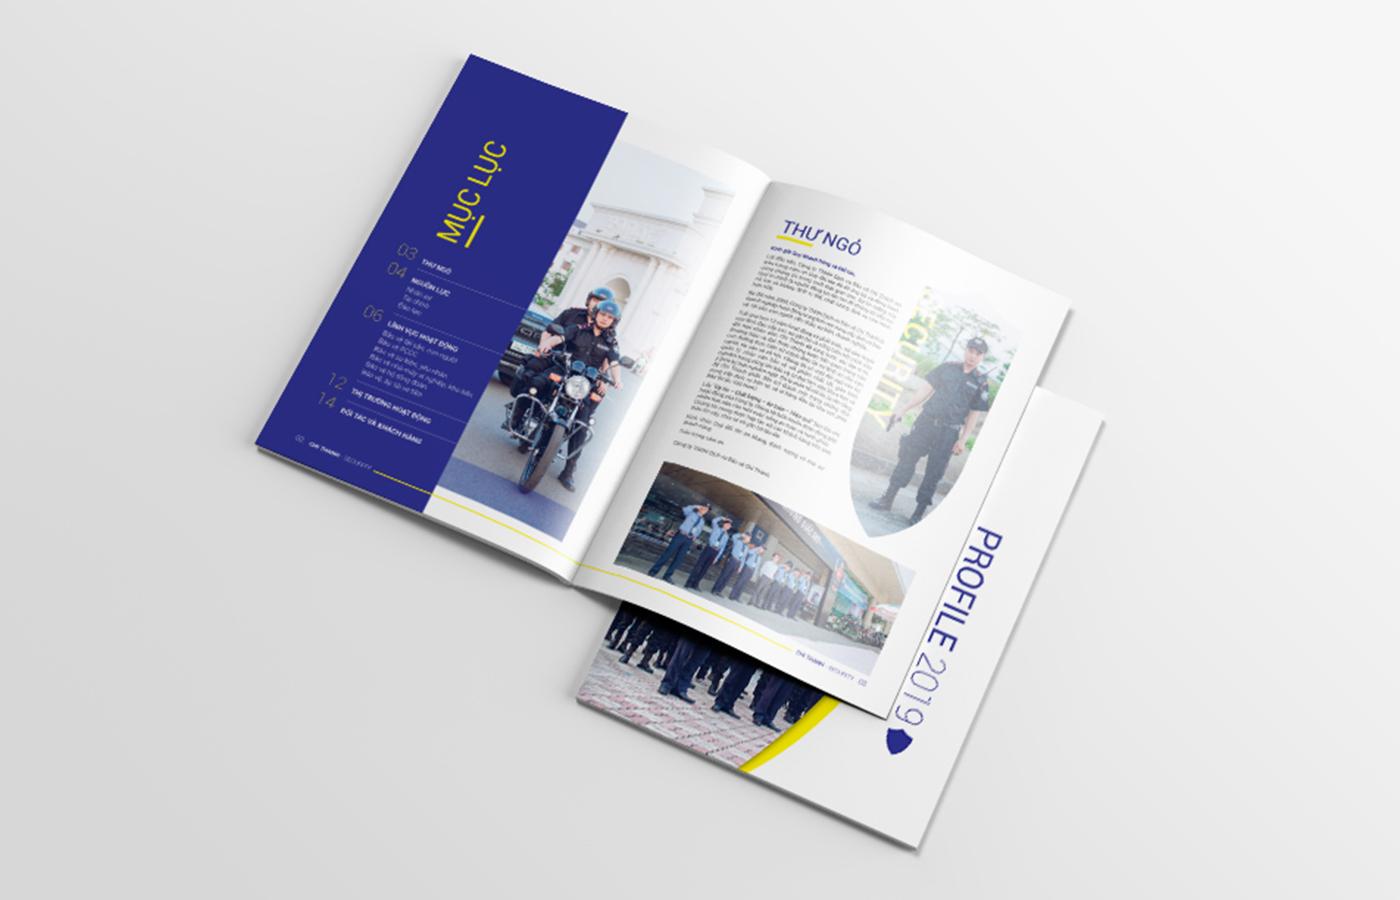 Mẫu hồ sơ năng lực Công ty Bảo vệ Chí Thành (2)